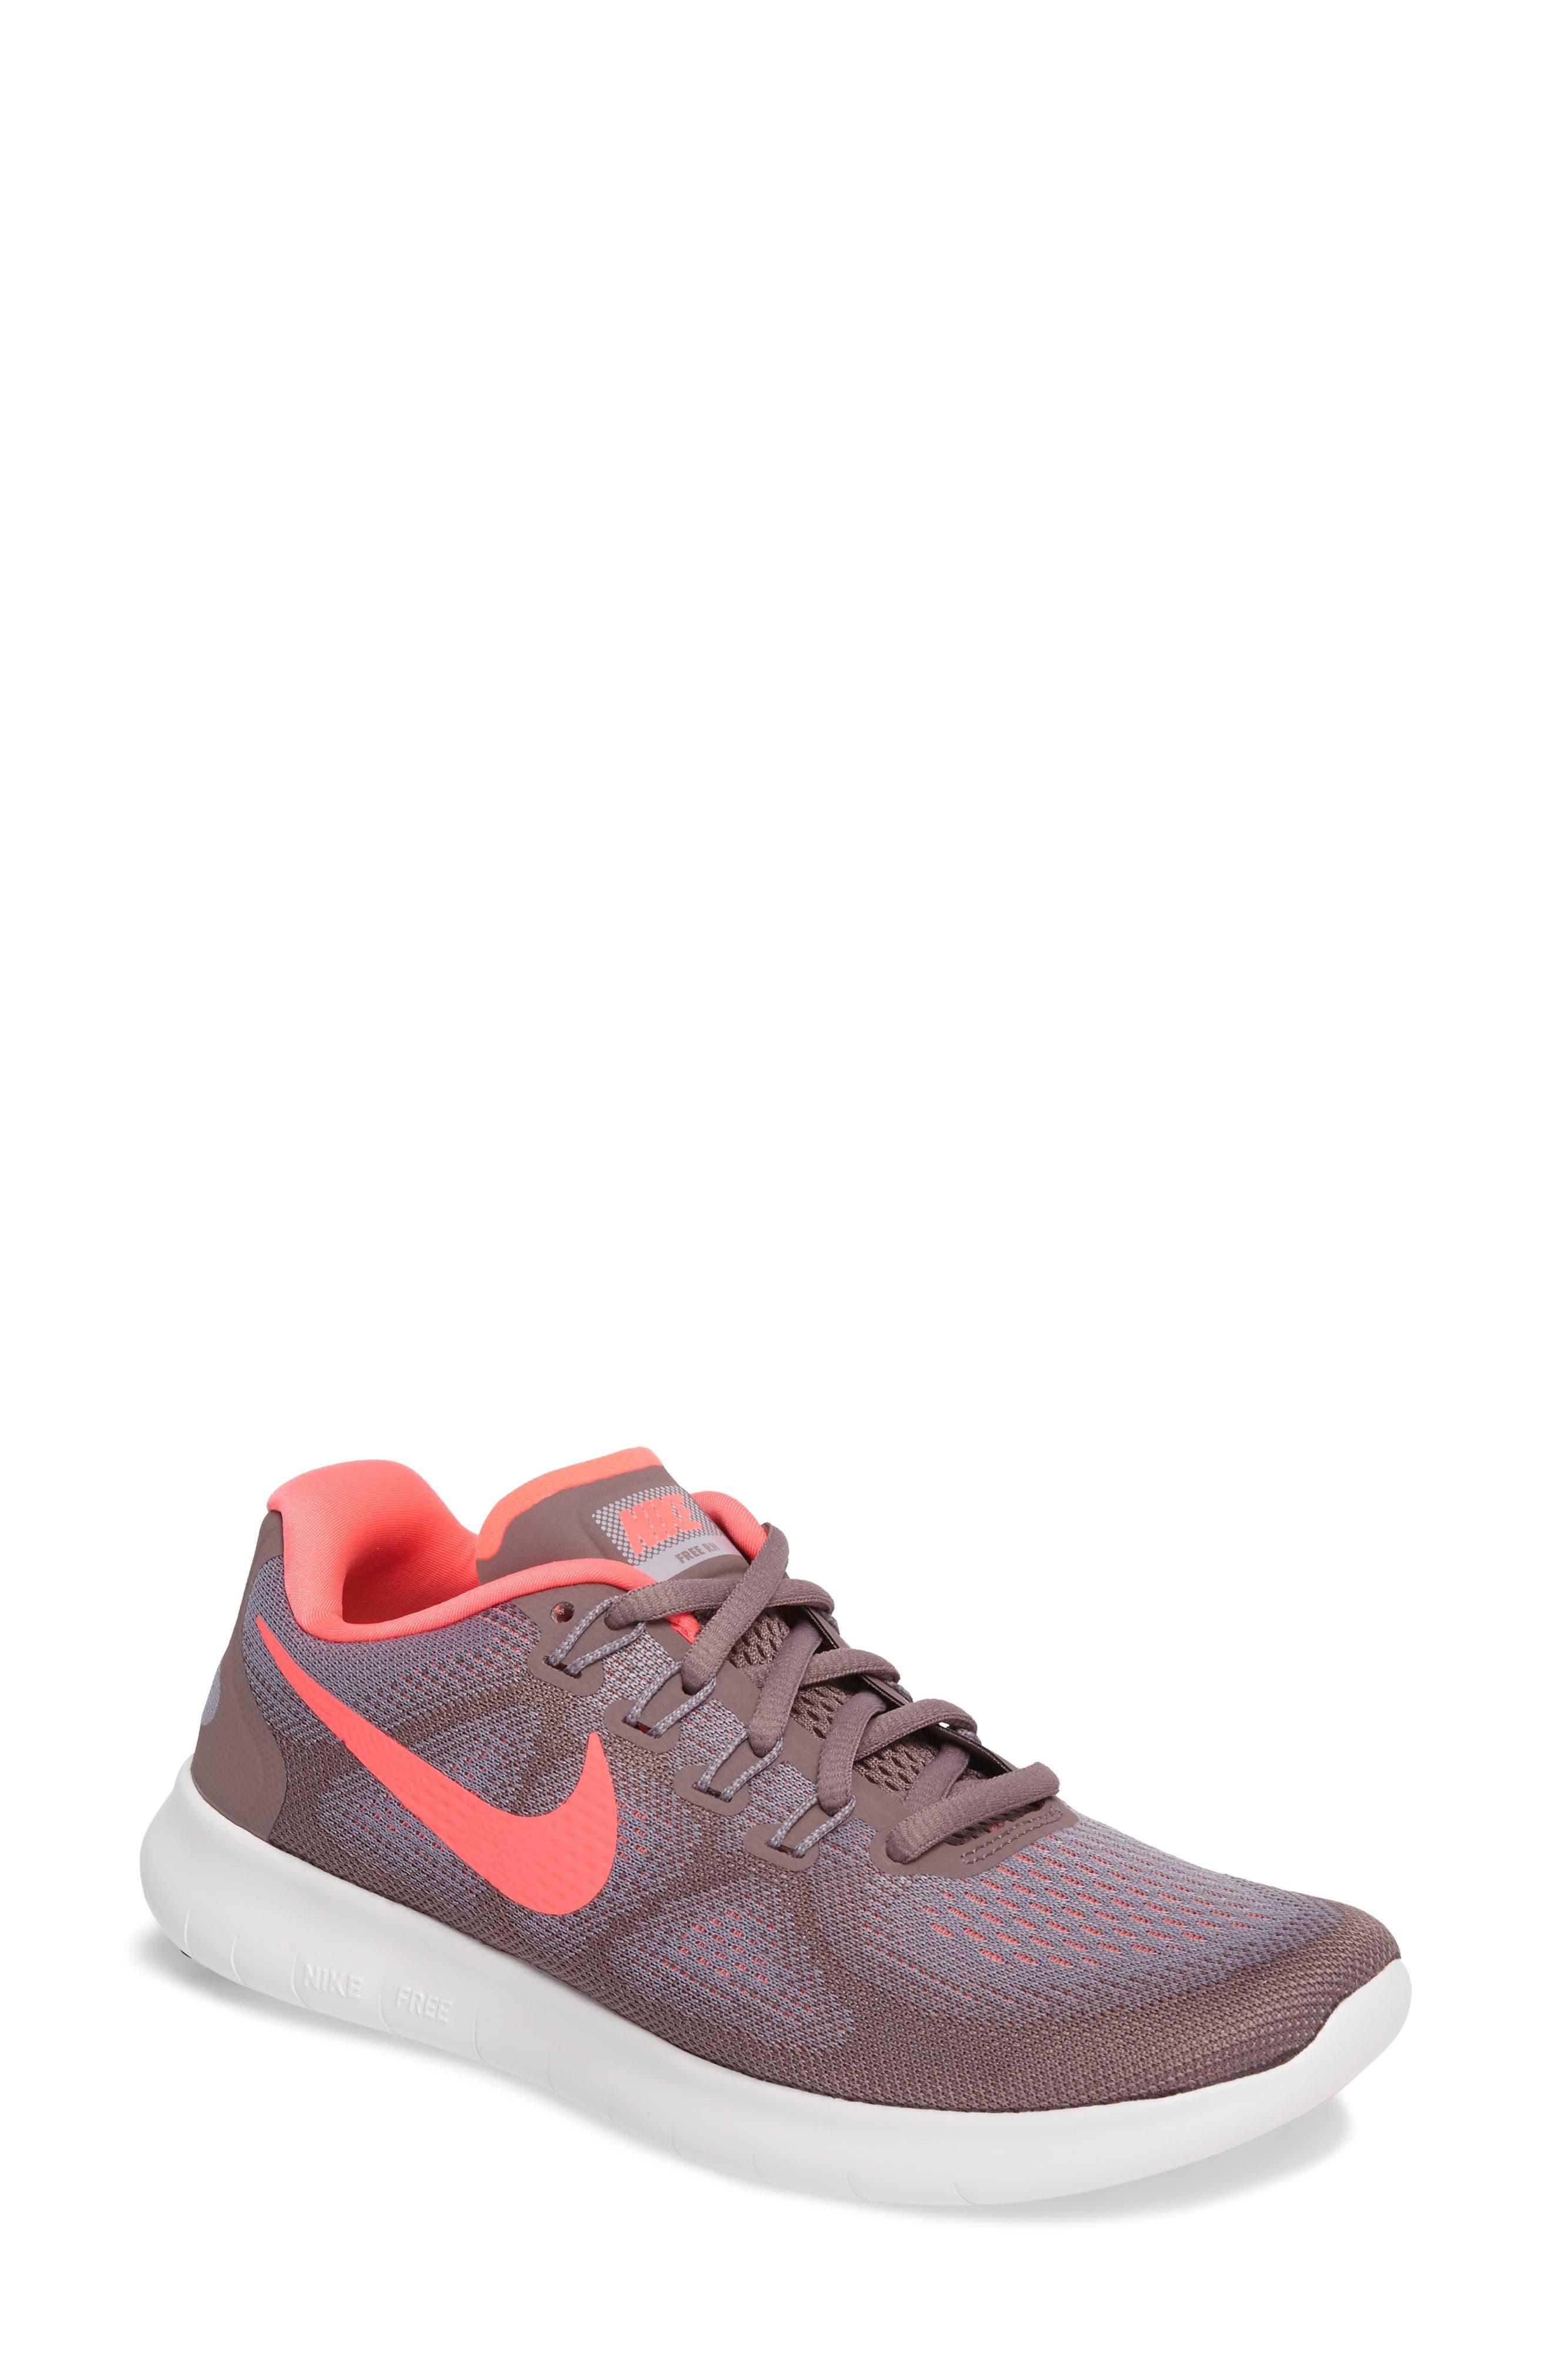 NIKE Free RN 2 Running Shoe